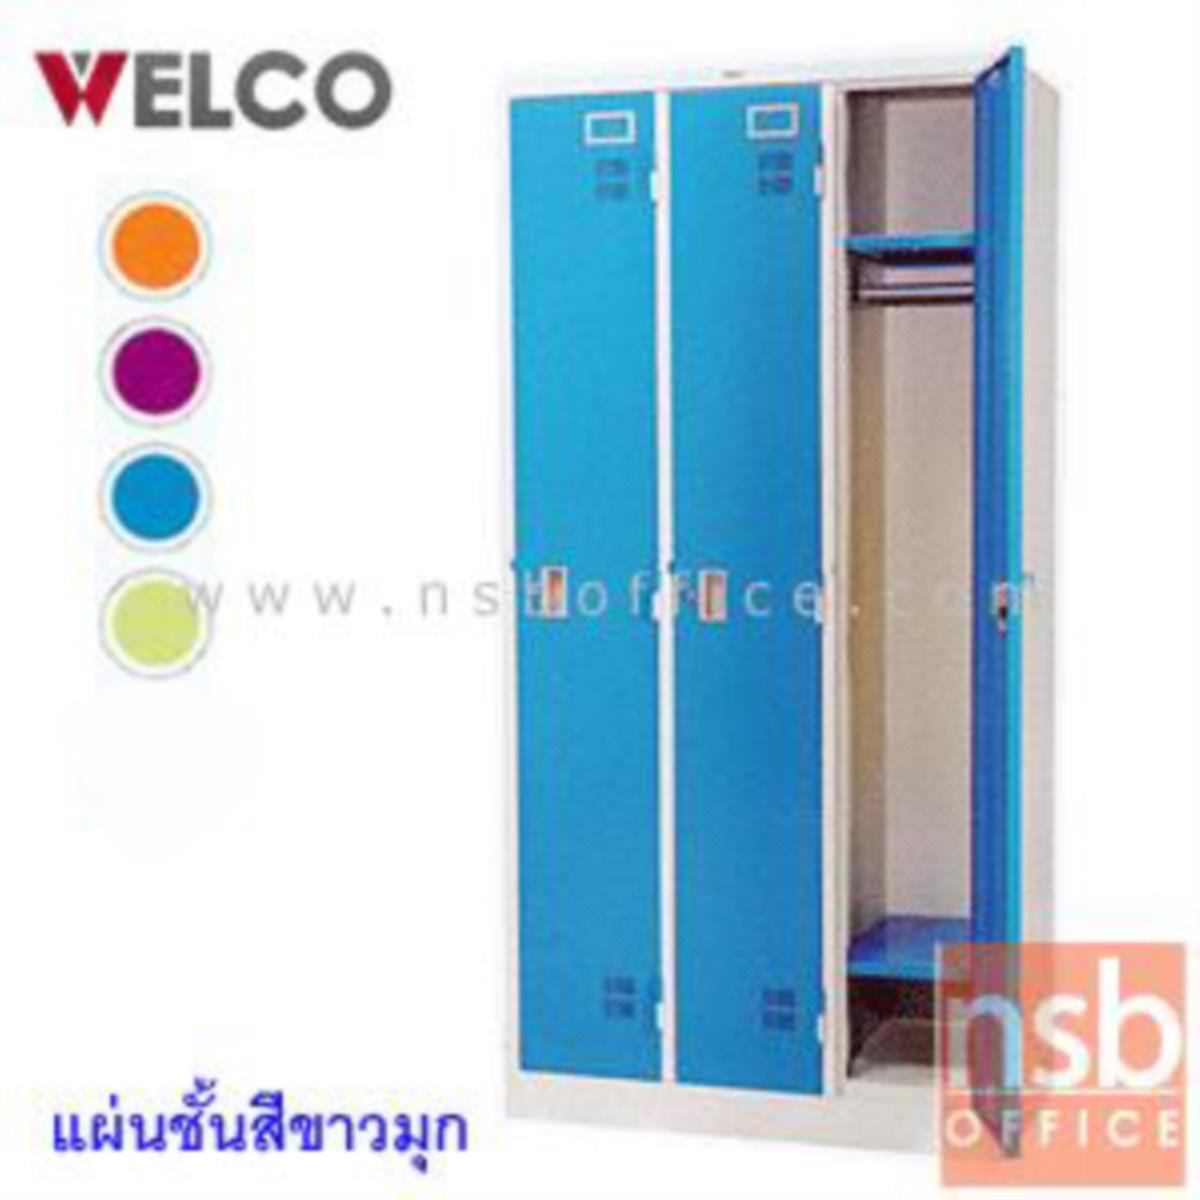 ตู้ล็อกเกอร์ 3 ประตู 91.4W*45.8D*183H cm. กุญแจแยก รุ่น WLK003